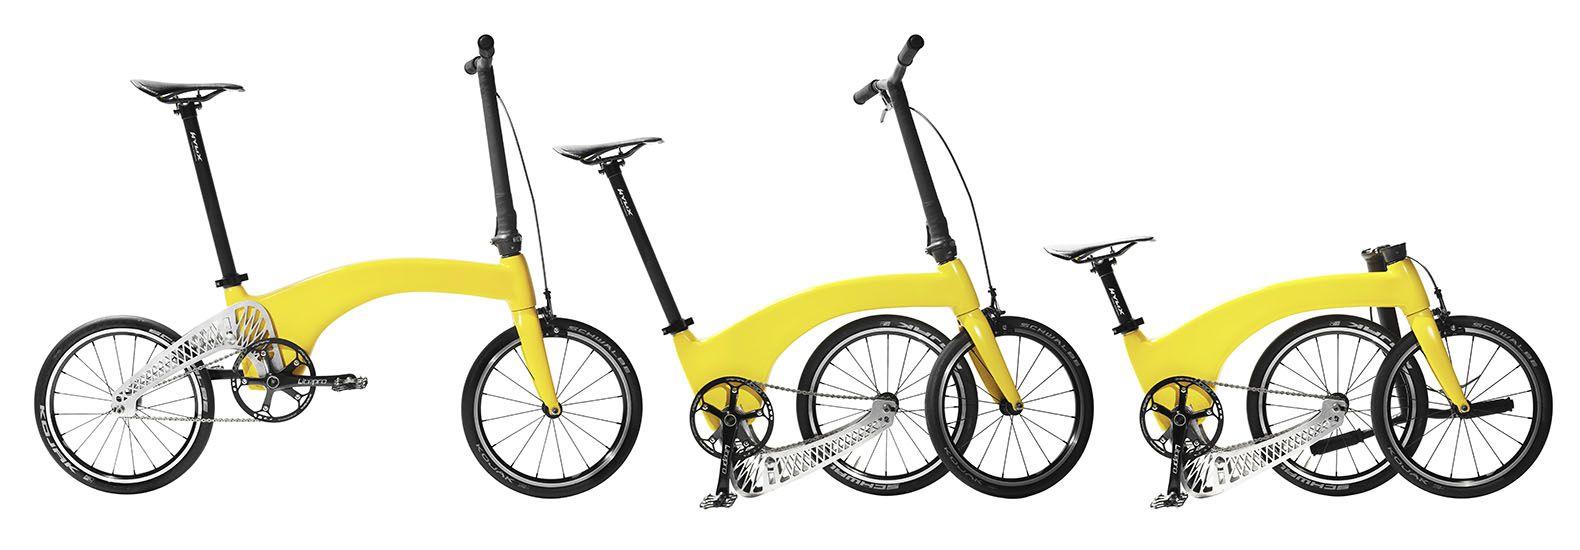 New Vello Folding E Bike Weighs Just 10 9 Kg Ebike Best E Bike